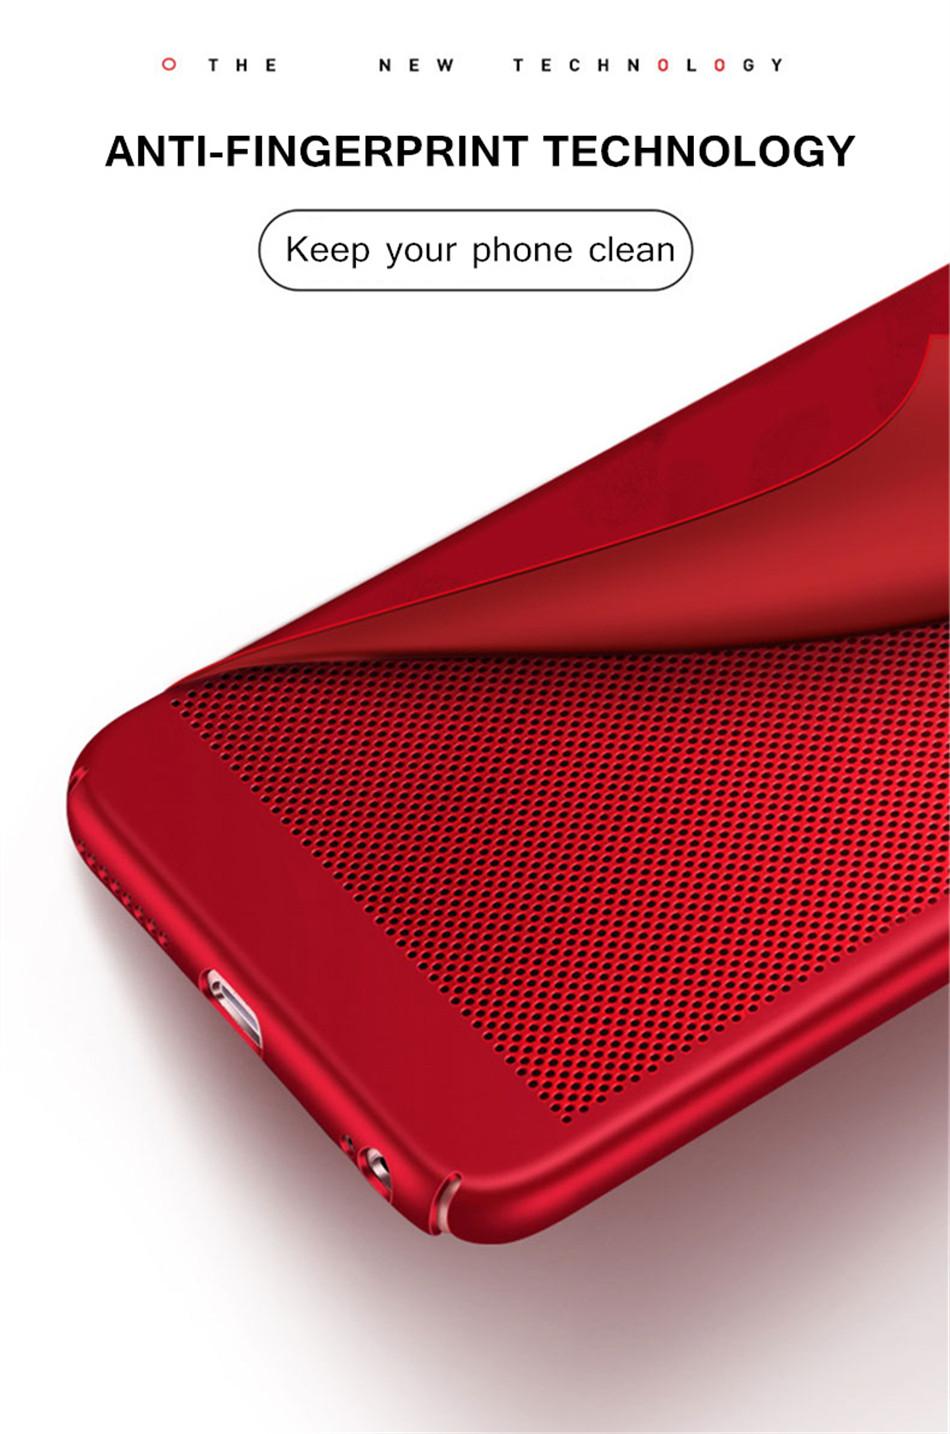 iphone 7 plus case 5